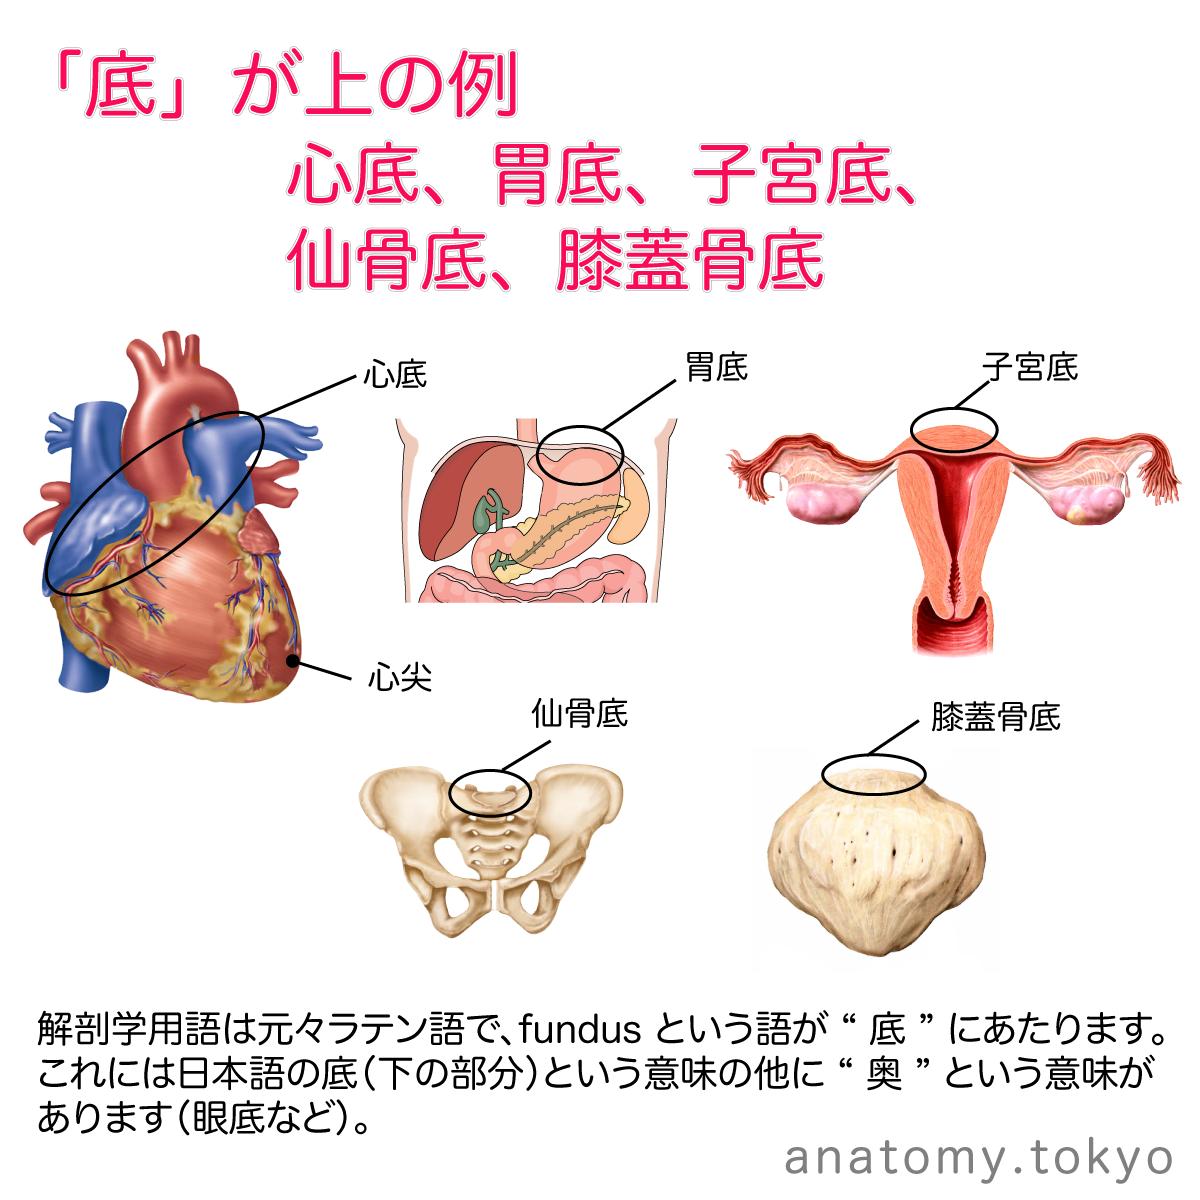 解剖学用語は元々ラテン語で、fu...